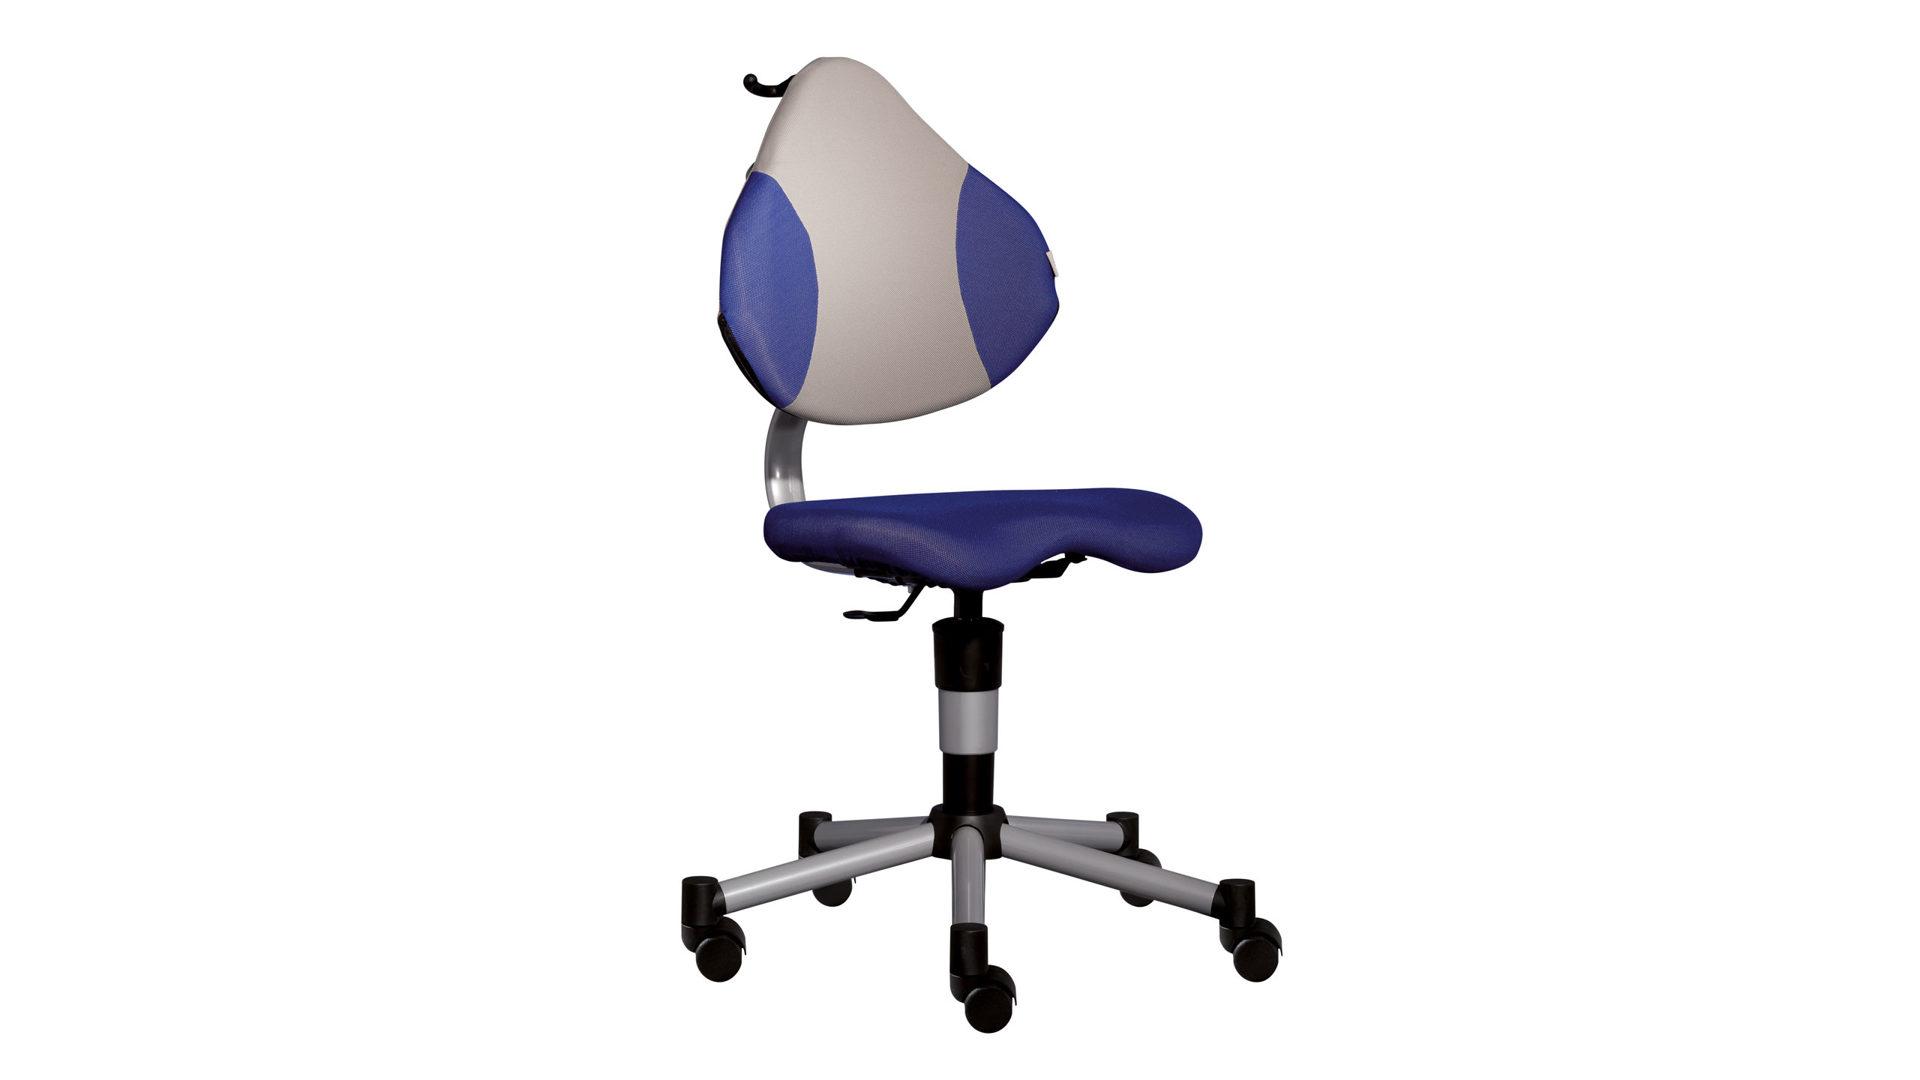 PAIDI Kinder-Schreibtischstuhl Drehstuhl PEDRO blau-grau, Netzbezug ...